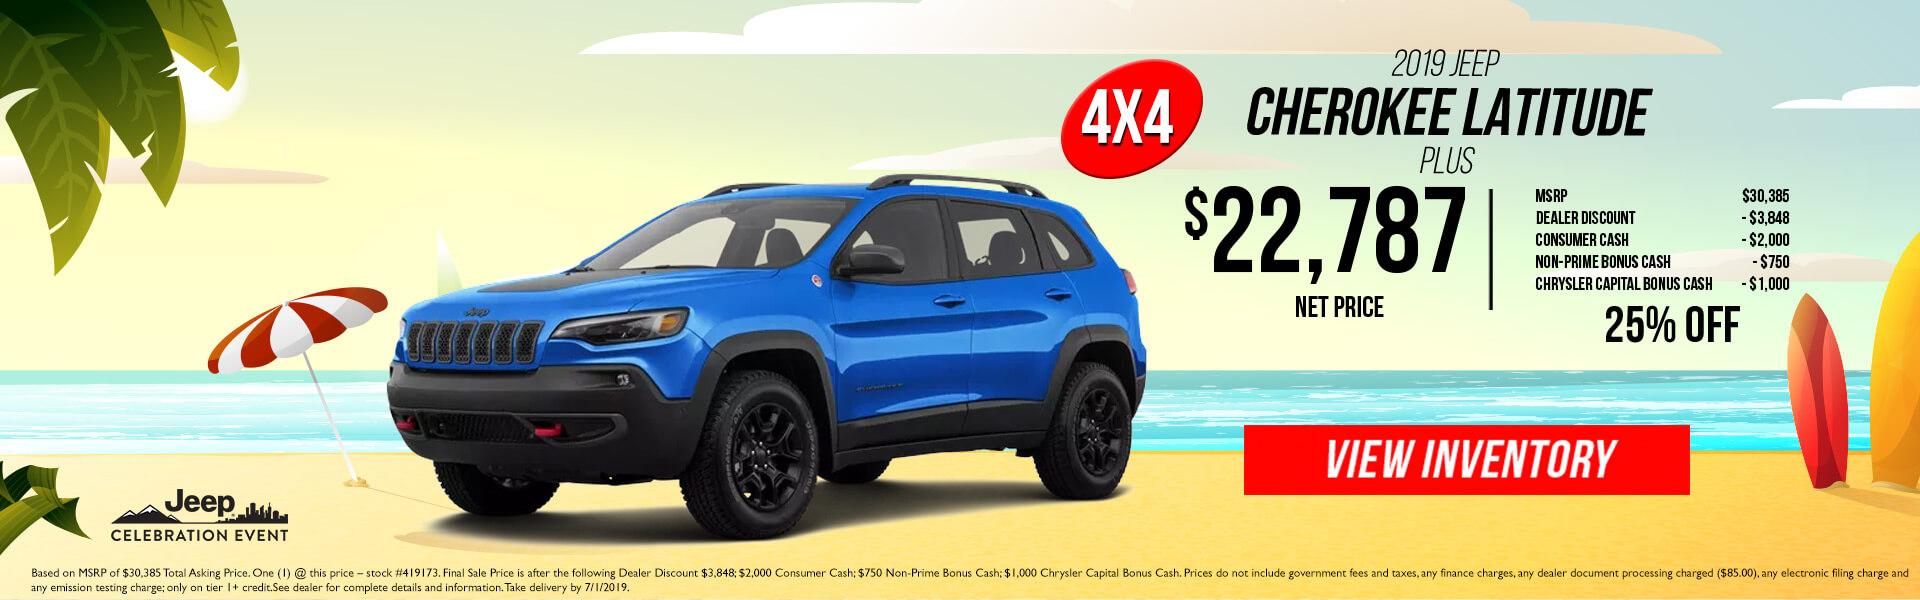 Jeep Cherokee 419173